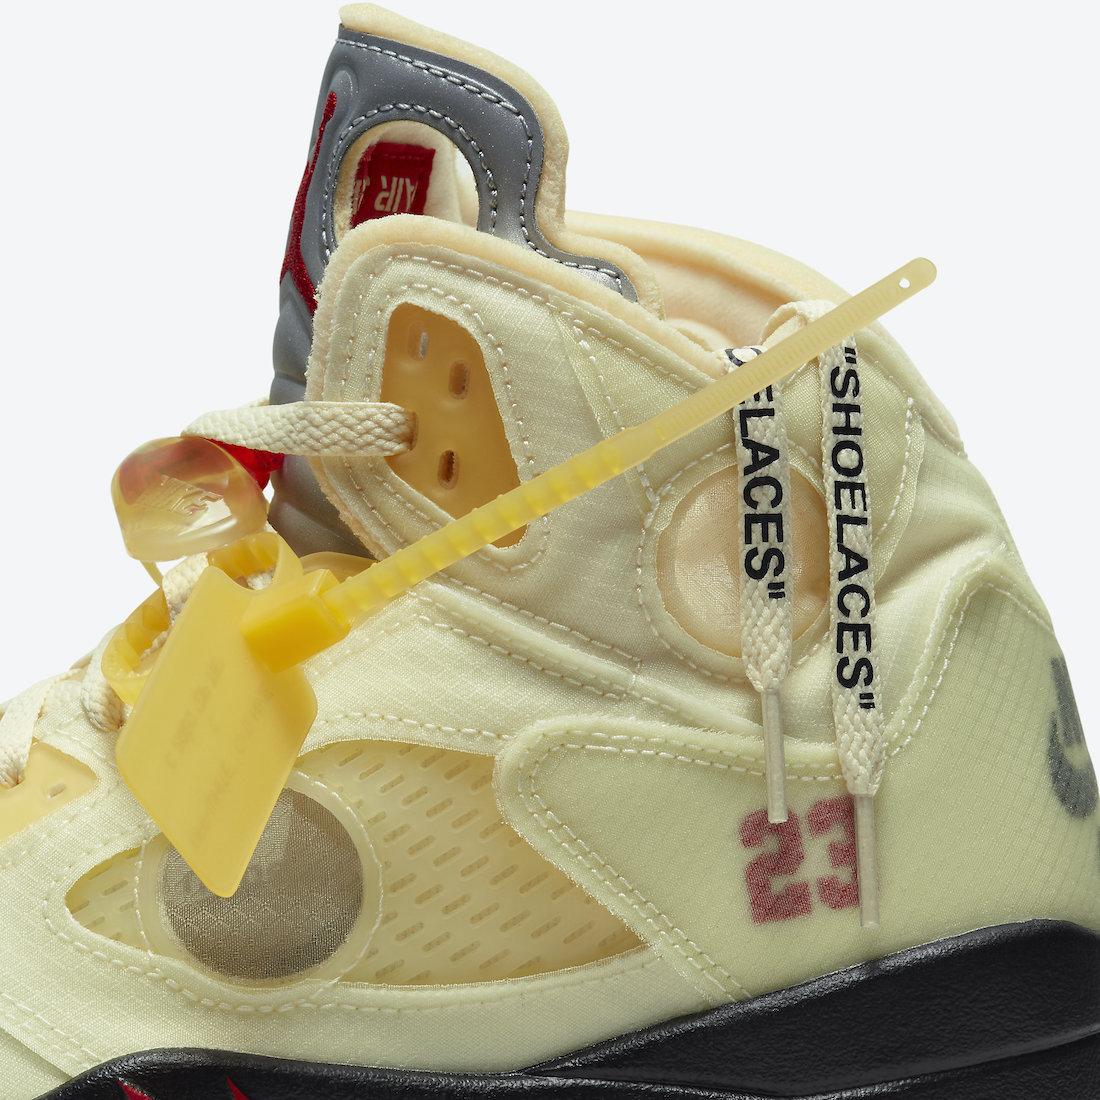 オフホワイト ナイキ コラボ エア ジョーダン 5 セイル Off-White Nike Air Jordan 5 Sail Fire Red DH8565-100 side close